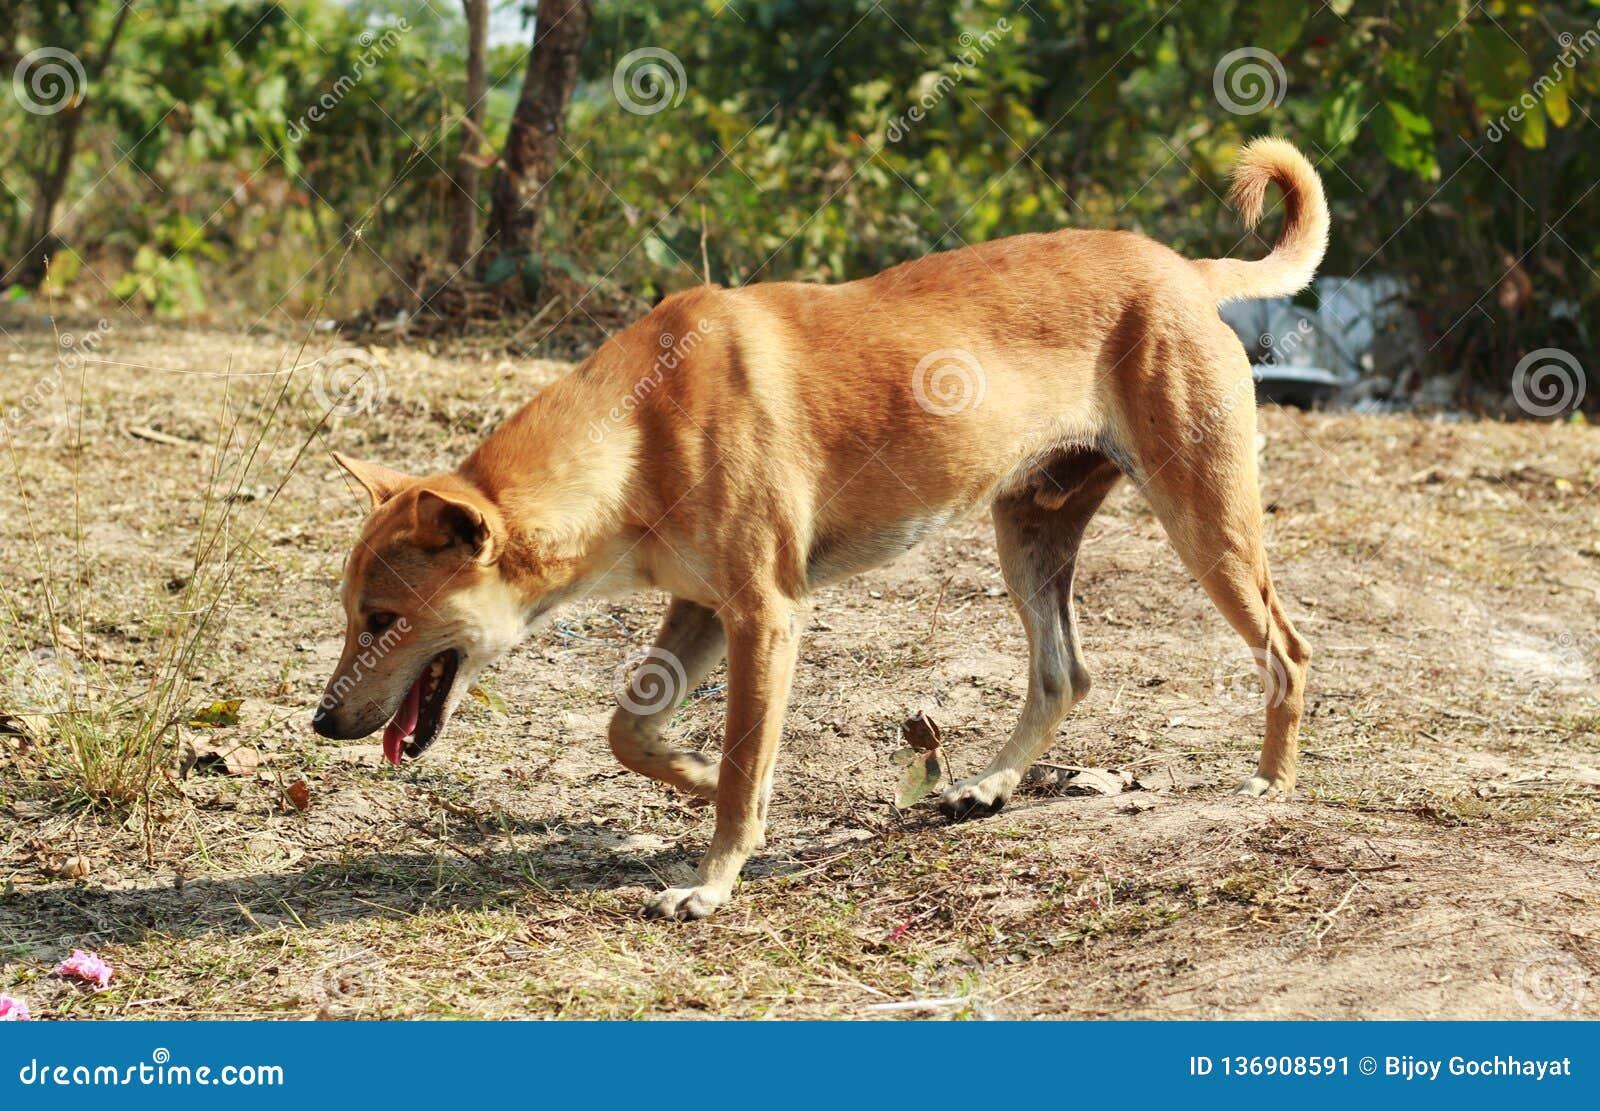 Hundgehender Canidae in einem Wald